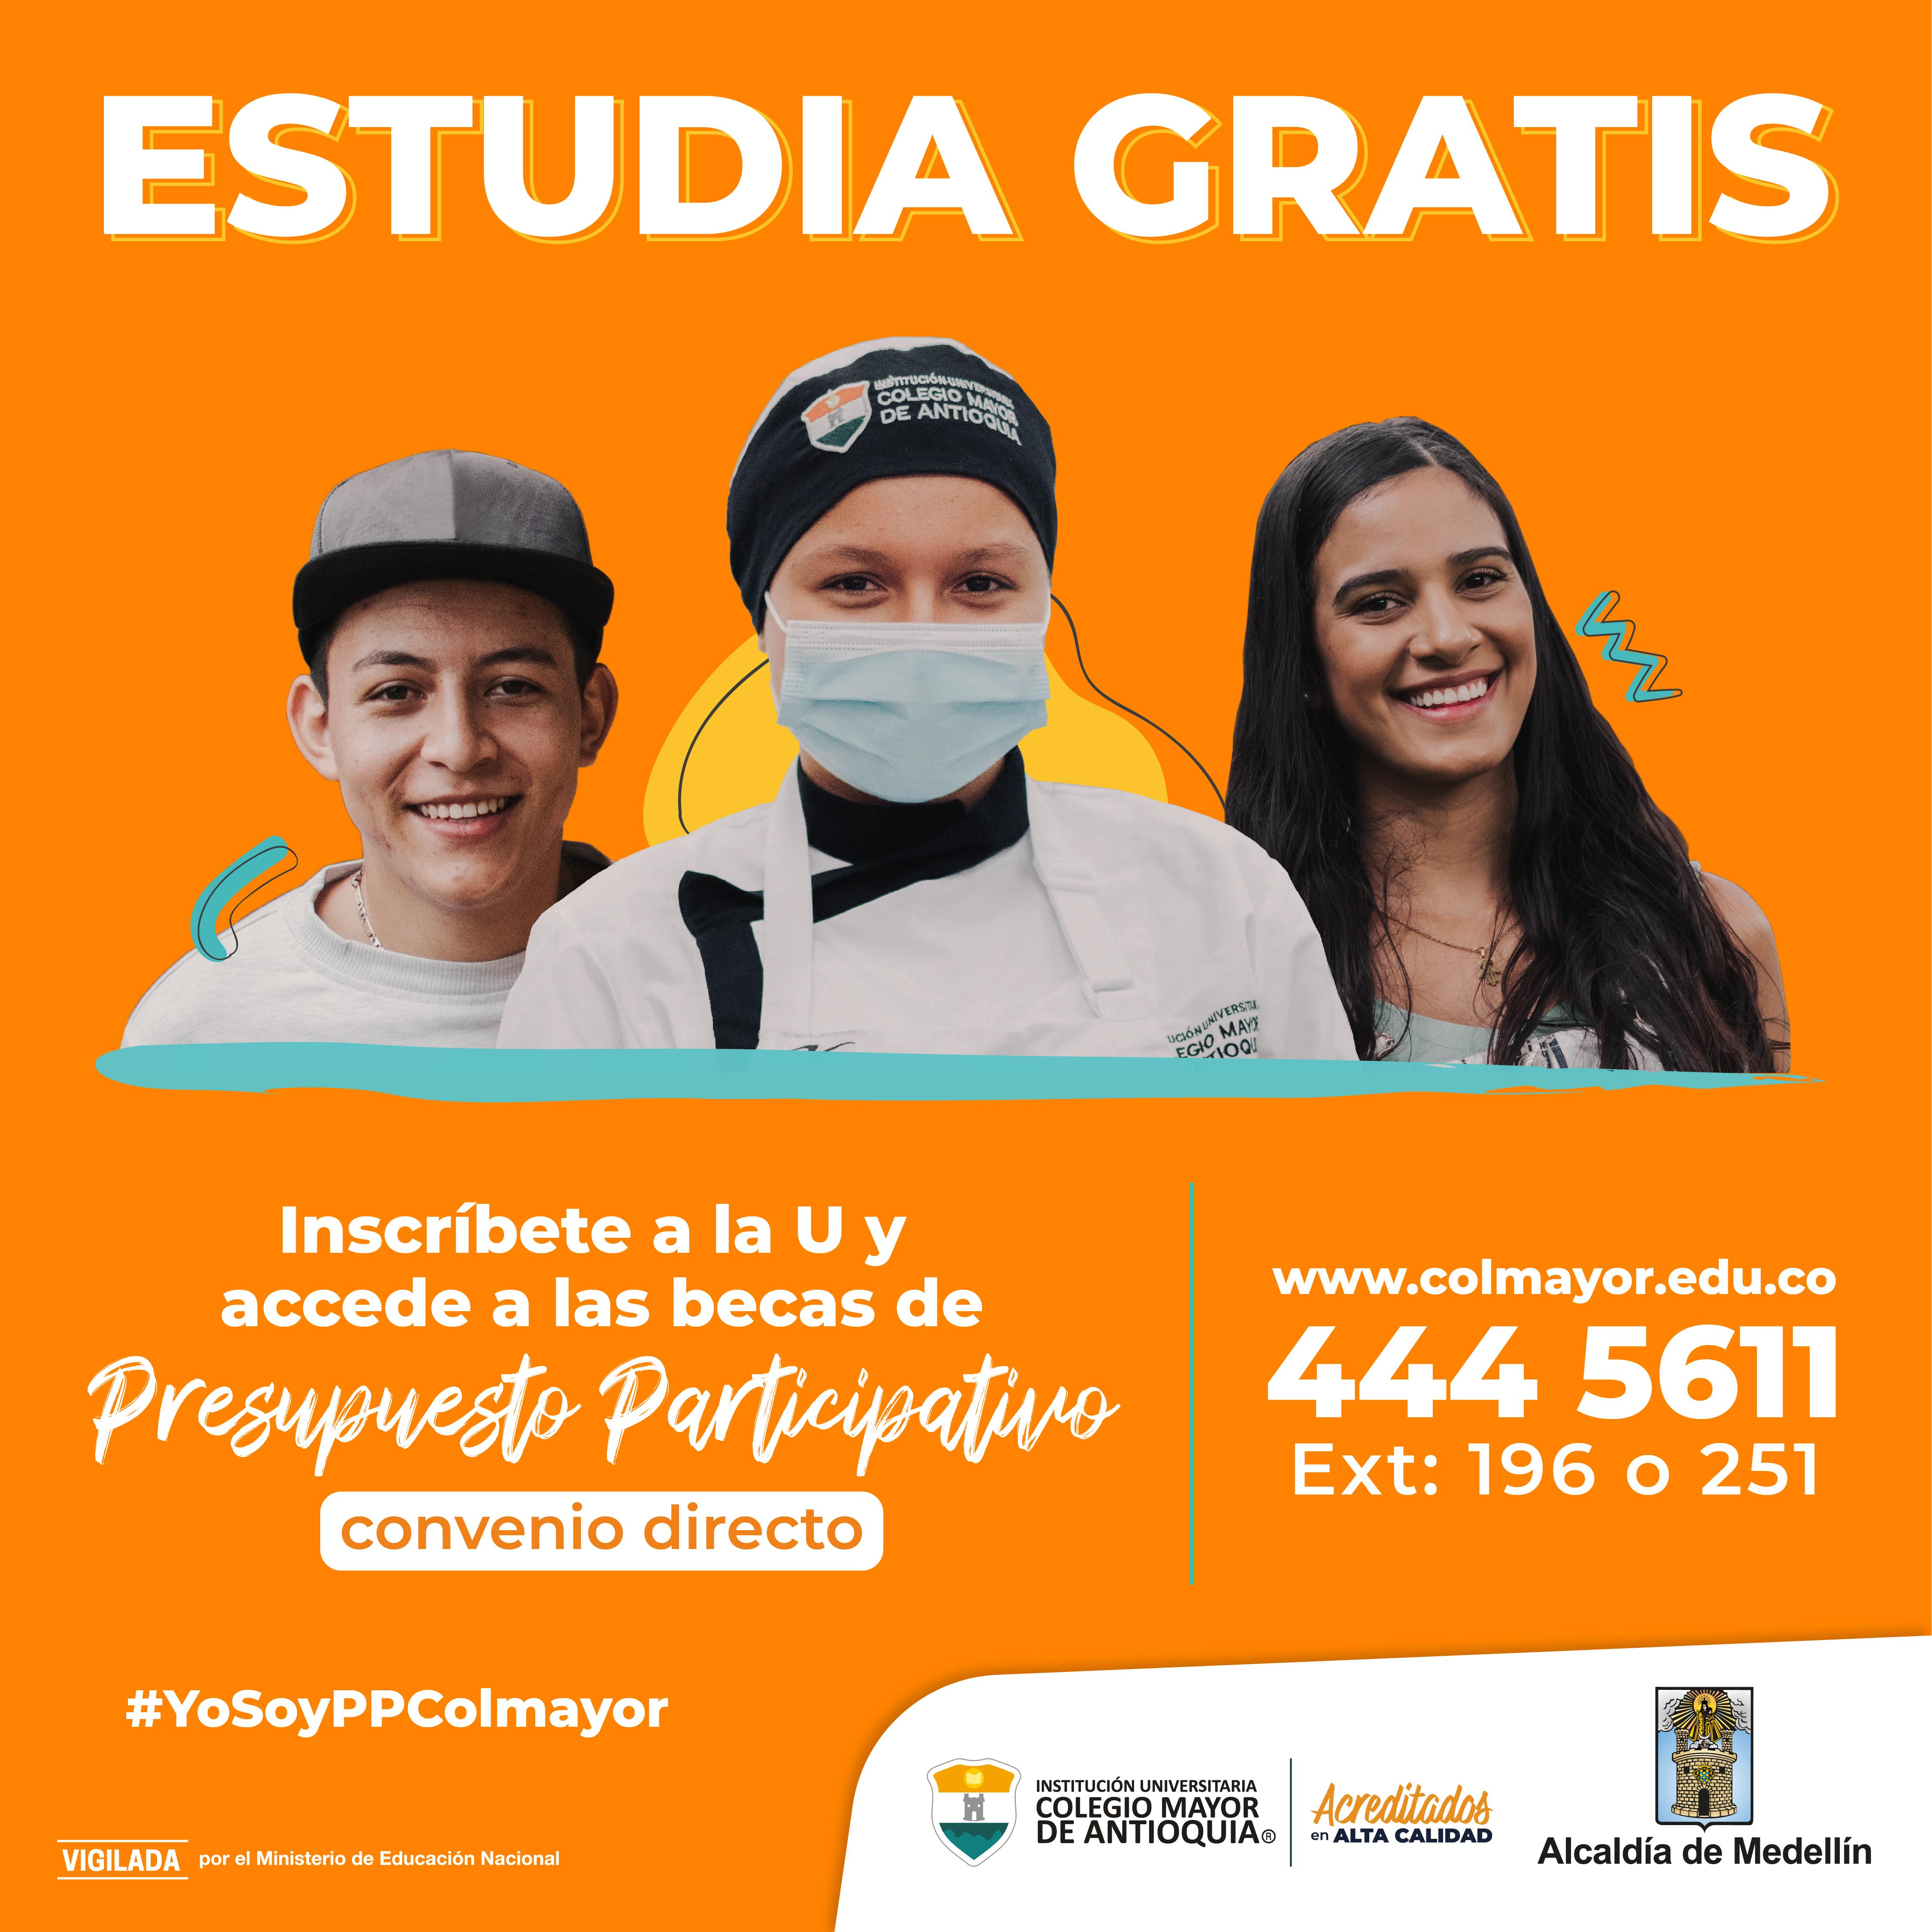 Bachilleres de Medellín podrán estudiar gratis en la I.U. Colegio Mayor de Antioquia con las becas de Presupuesto Participativo convenio directo